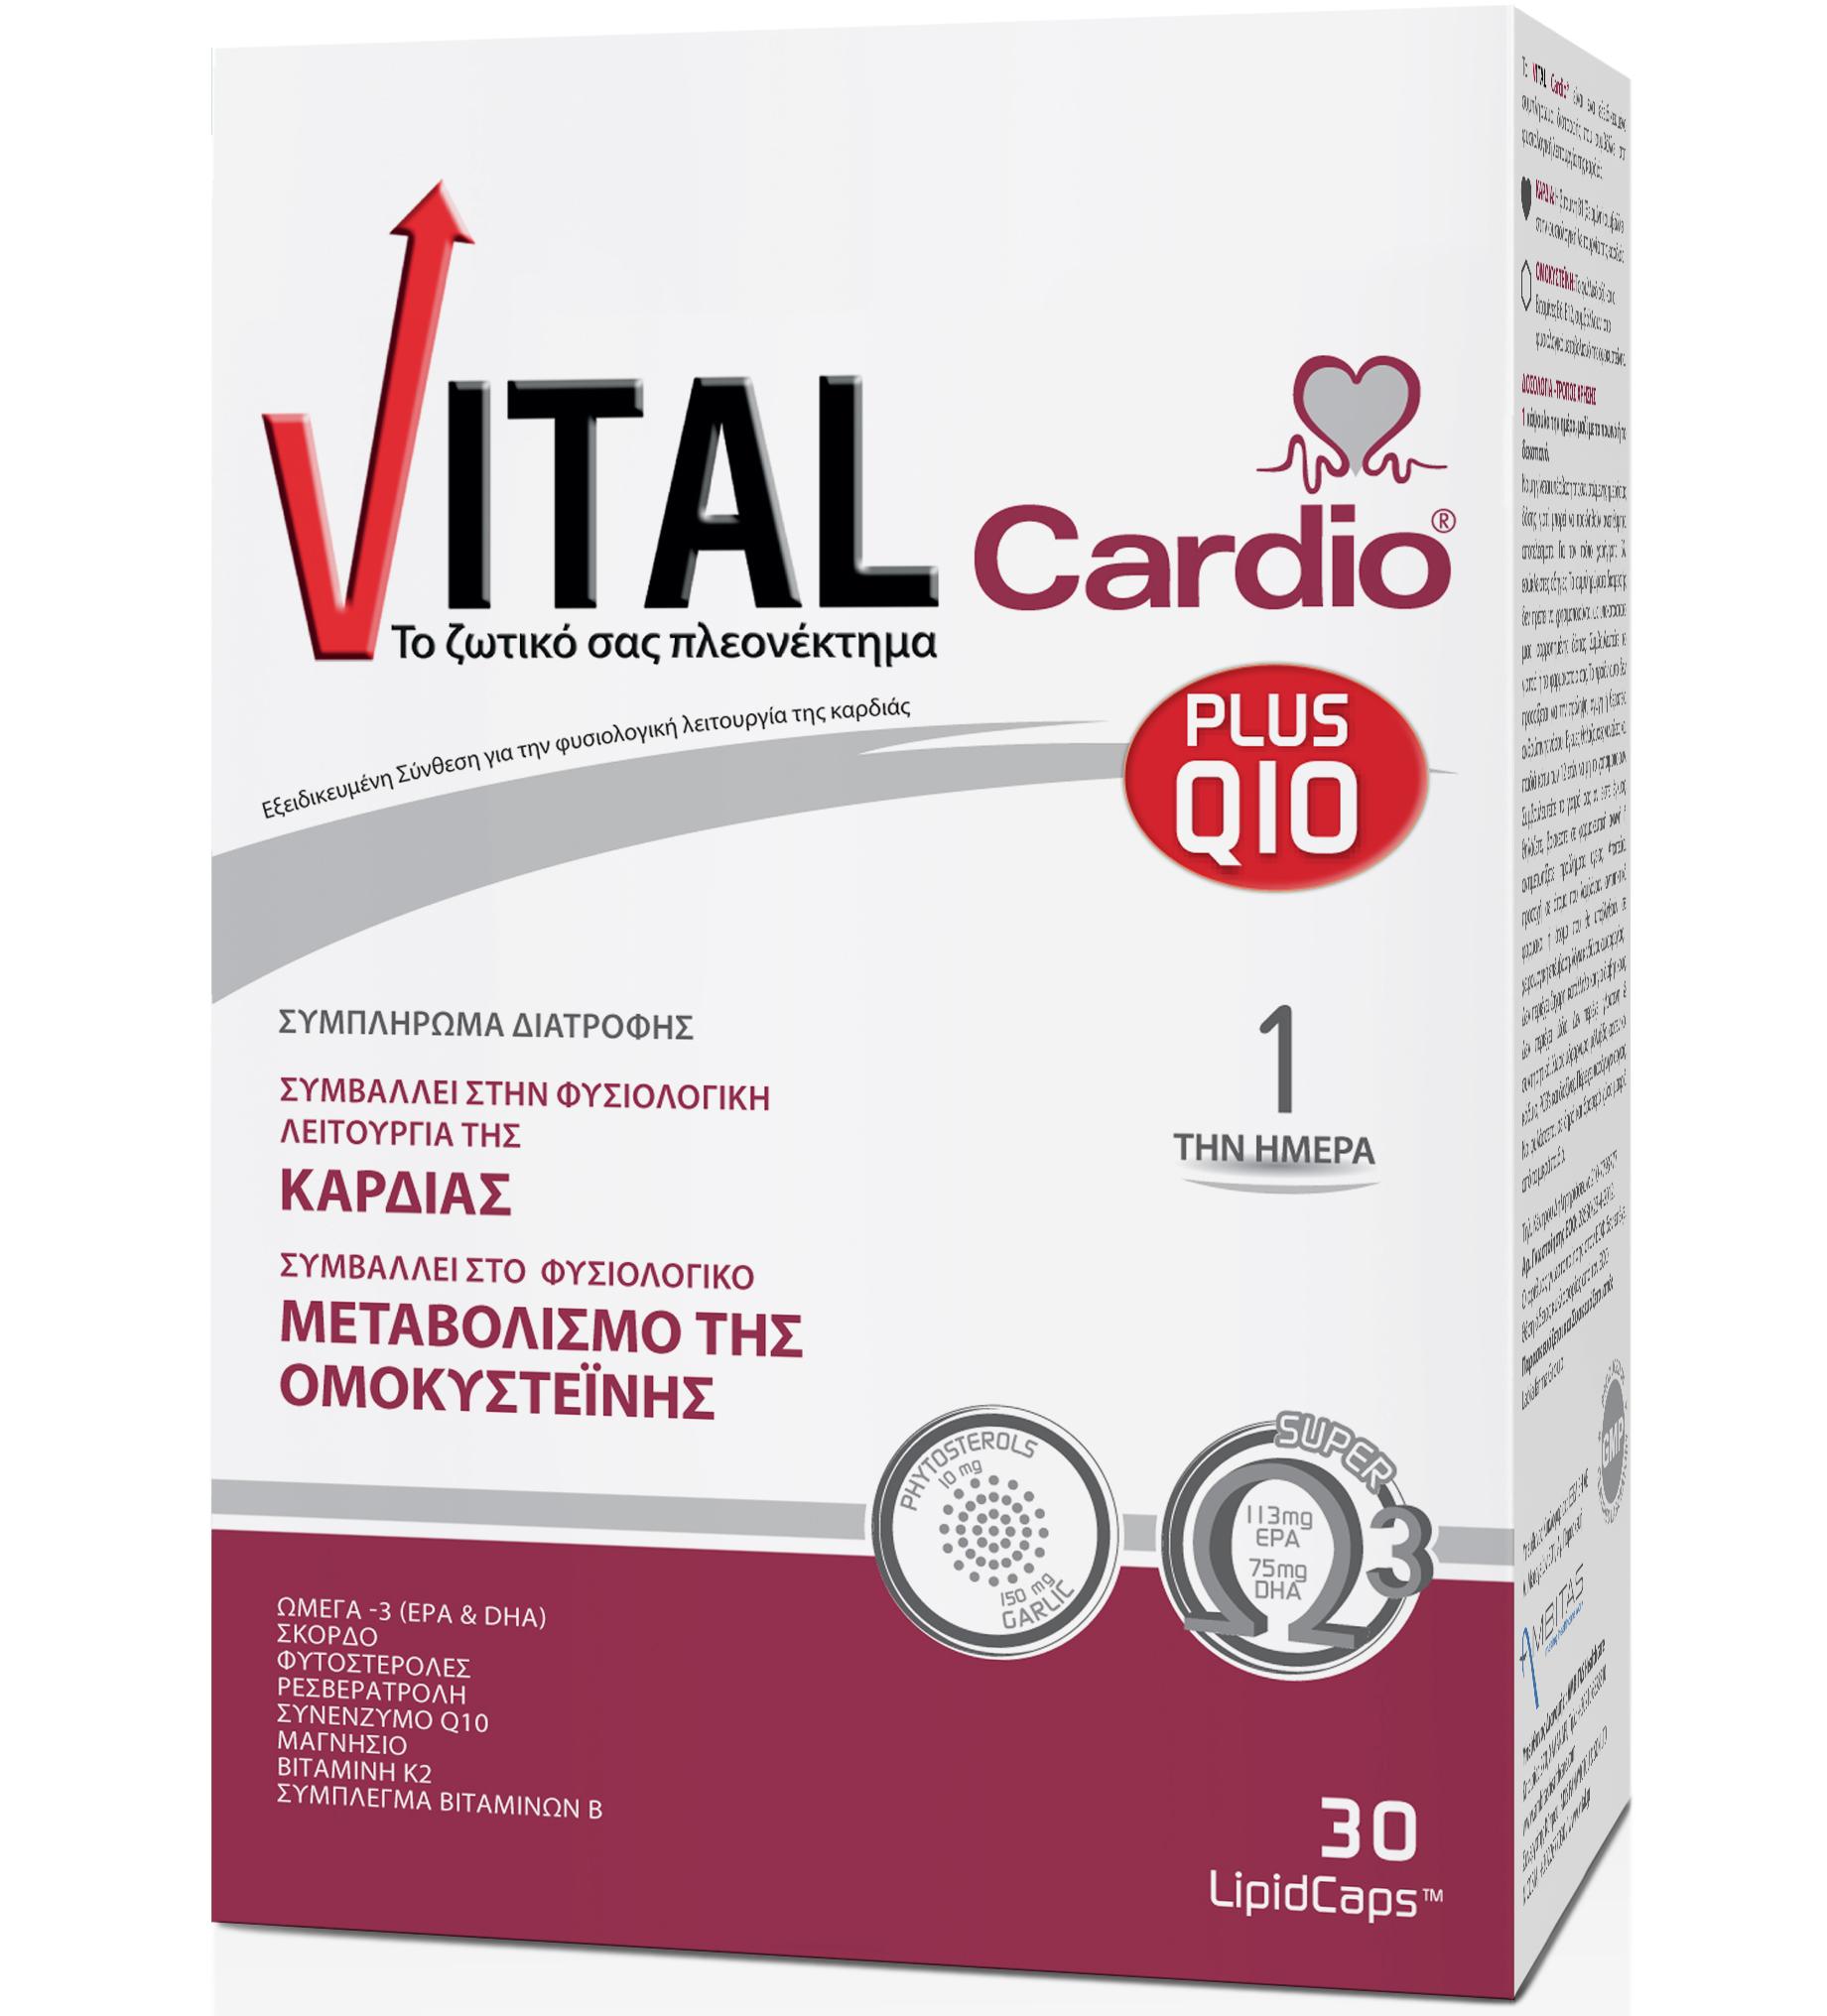 Vital Plus Vital Cardio Plus Q10 Συμβάλλει Στη Φυσιολογική Λειτουργία Του Καρδιαγγειακού Συστήματος 30 lipidcaps